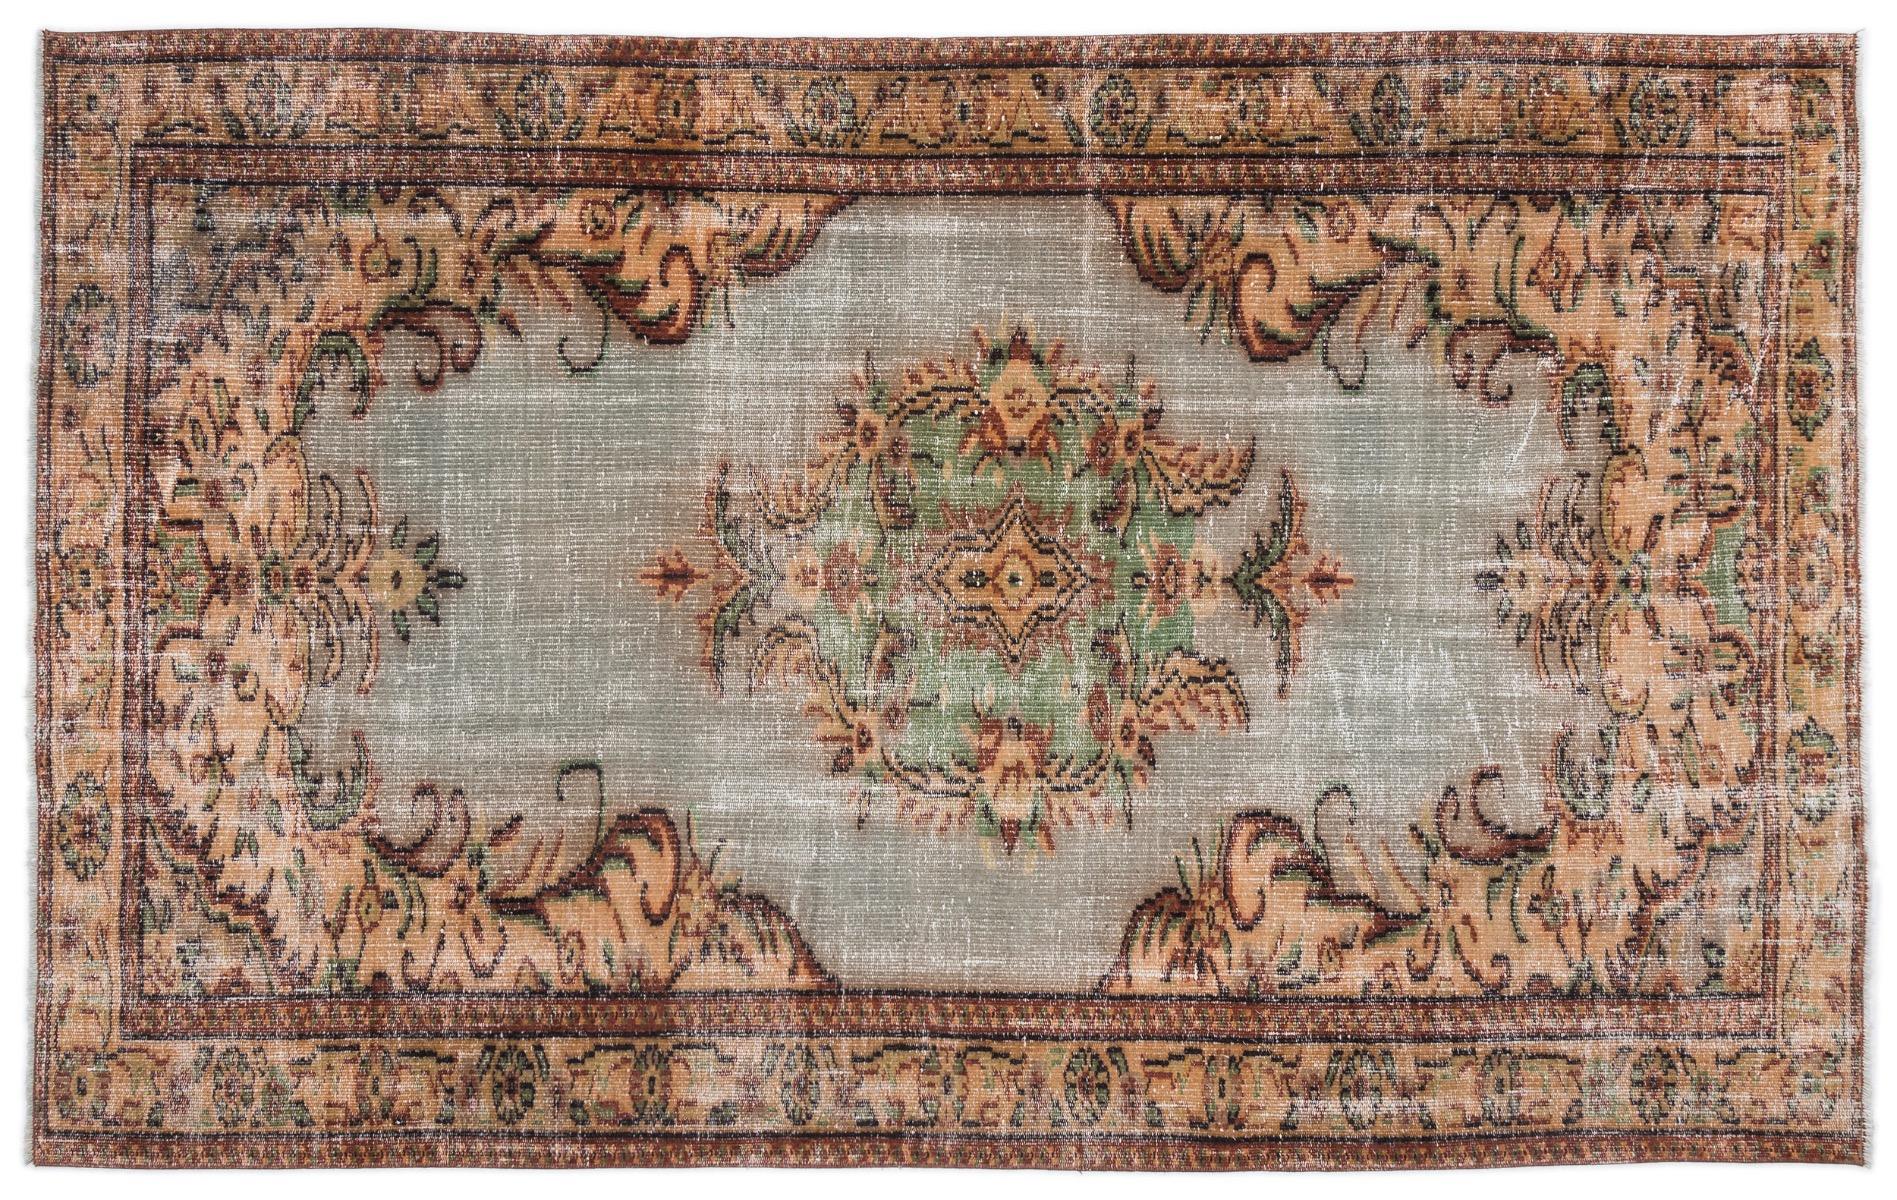 Vintage vloerkleed met groen 16387 256cm x 161cm